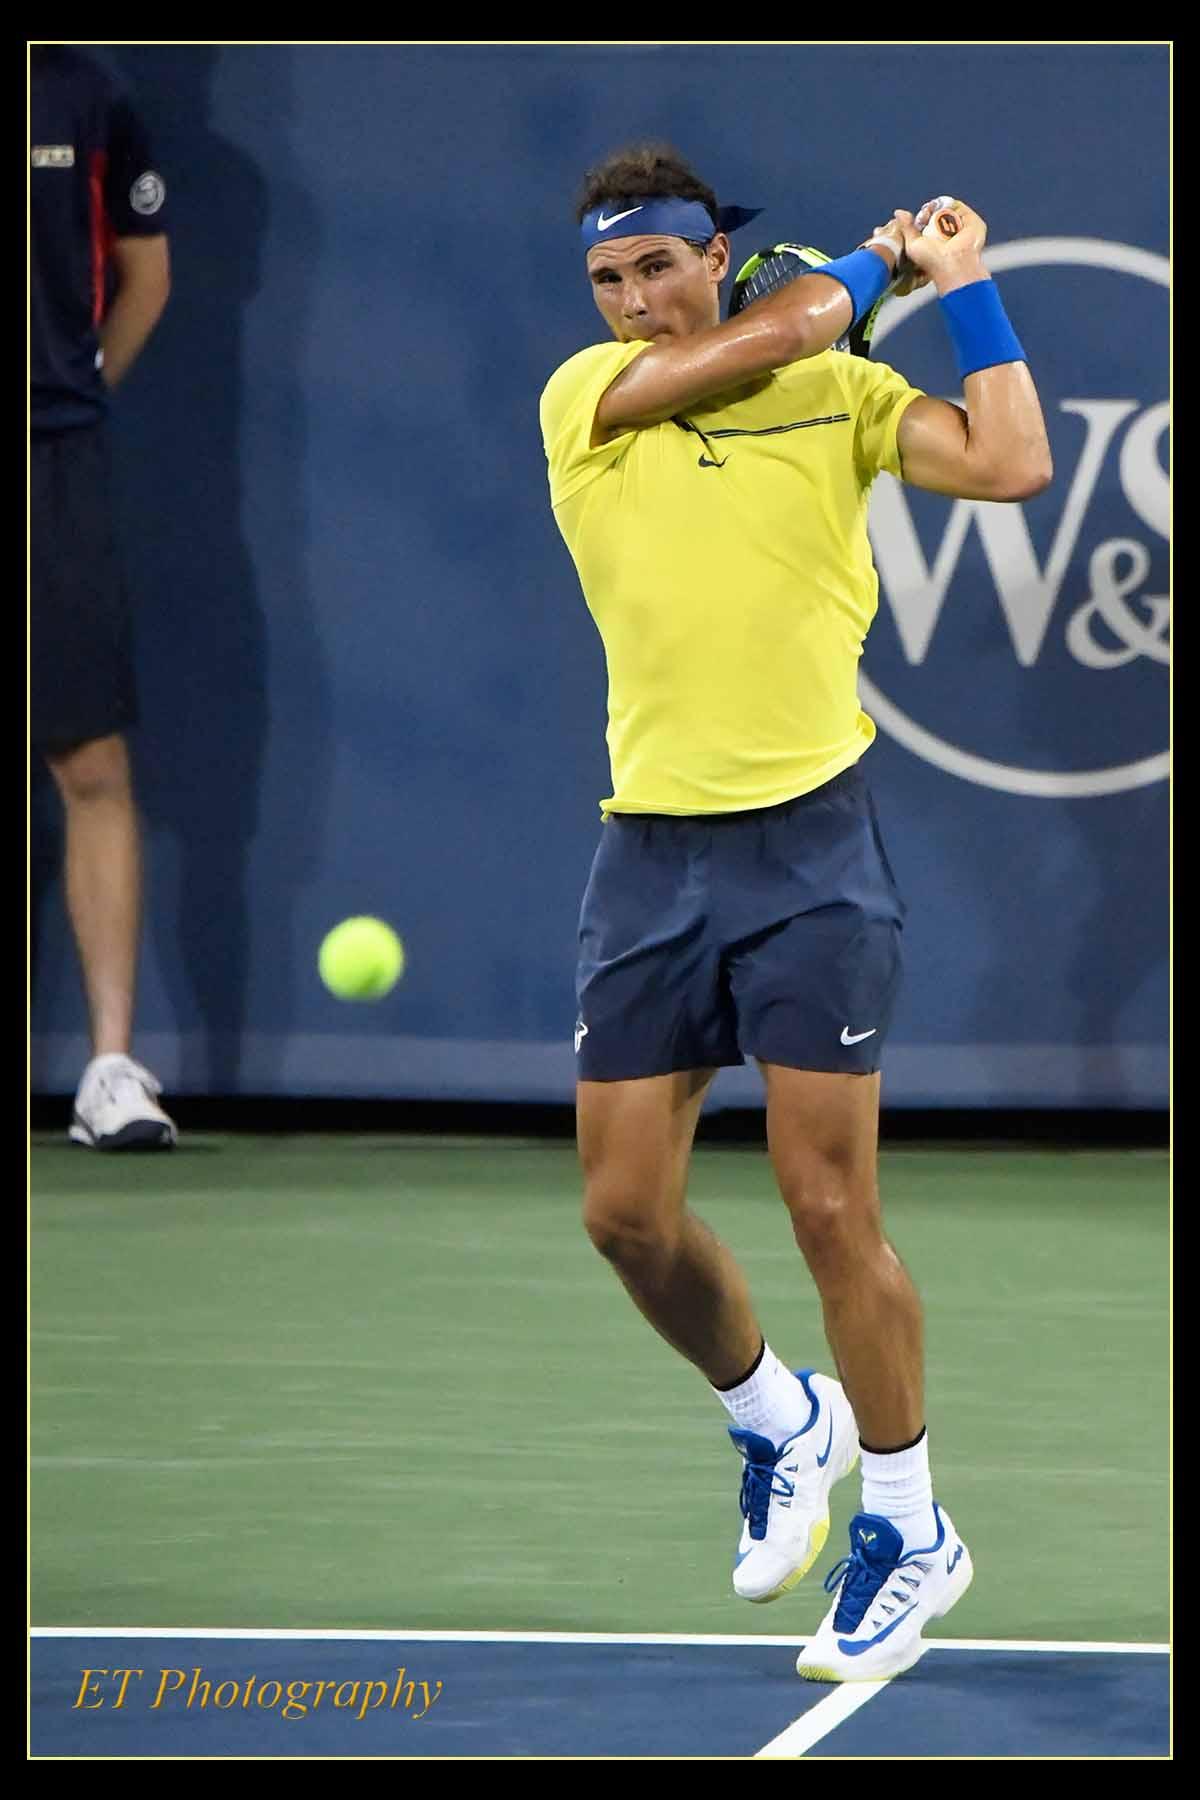 More of Rafael Nadal